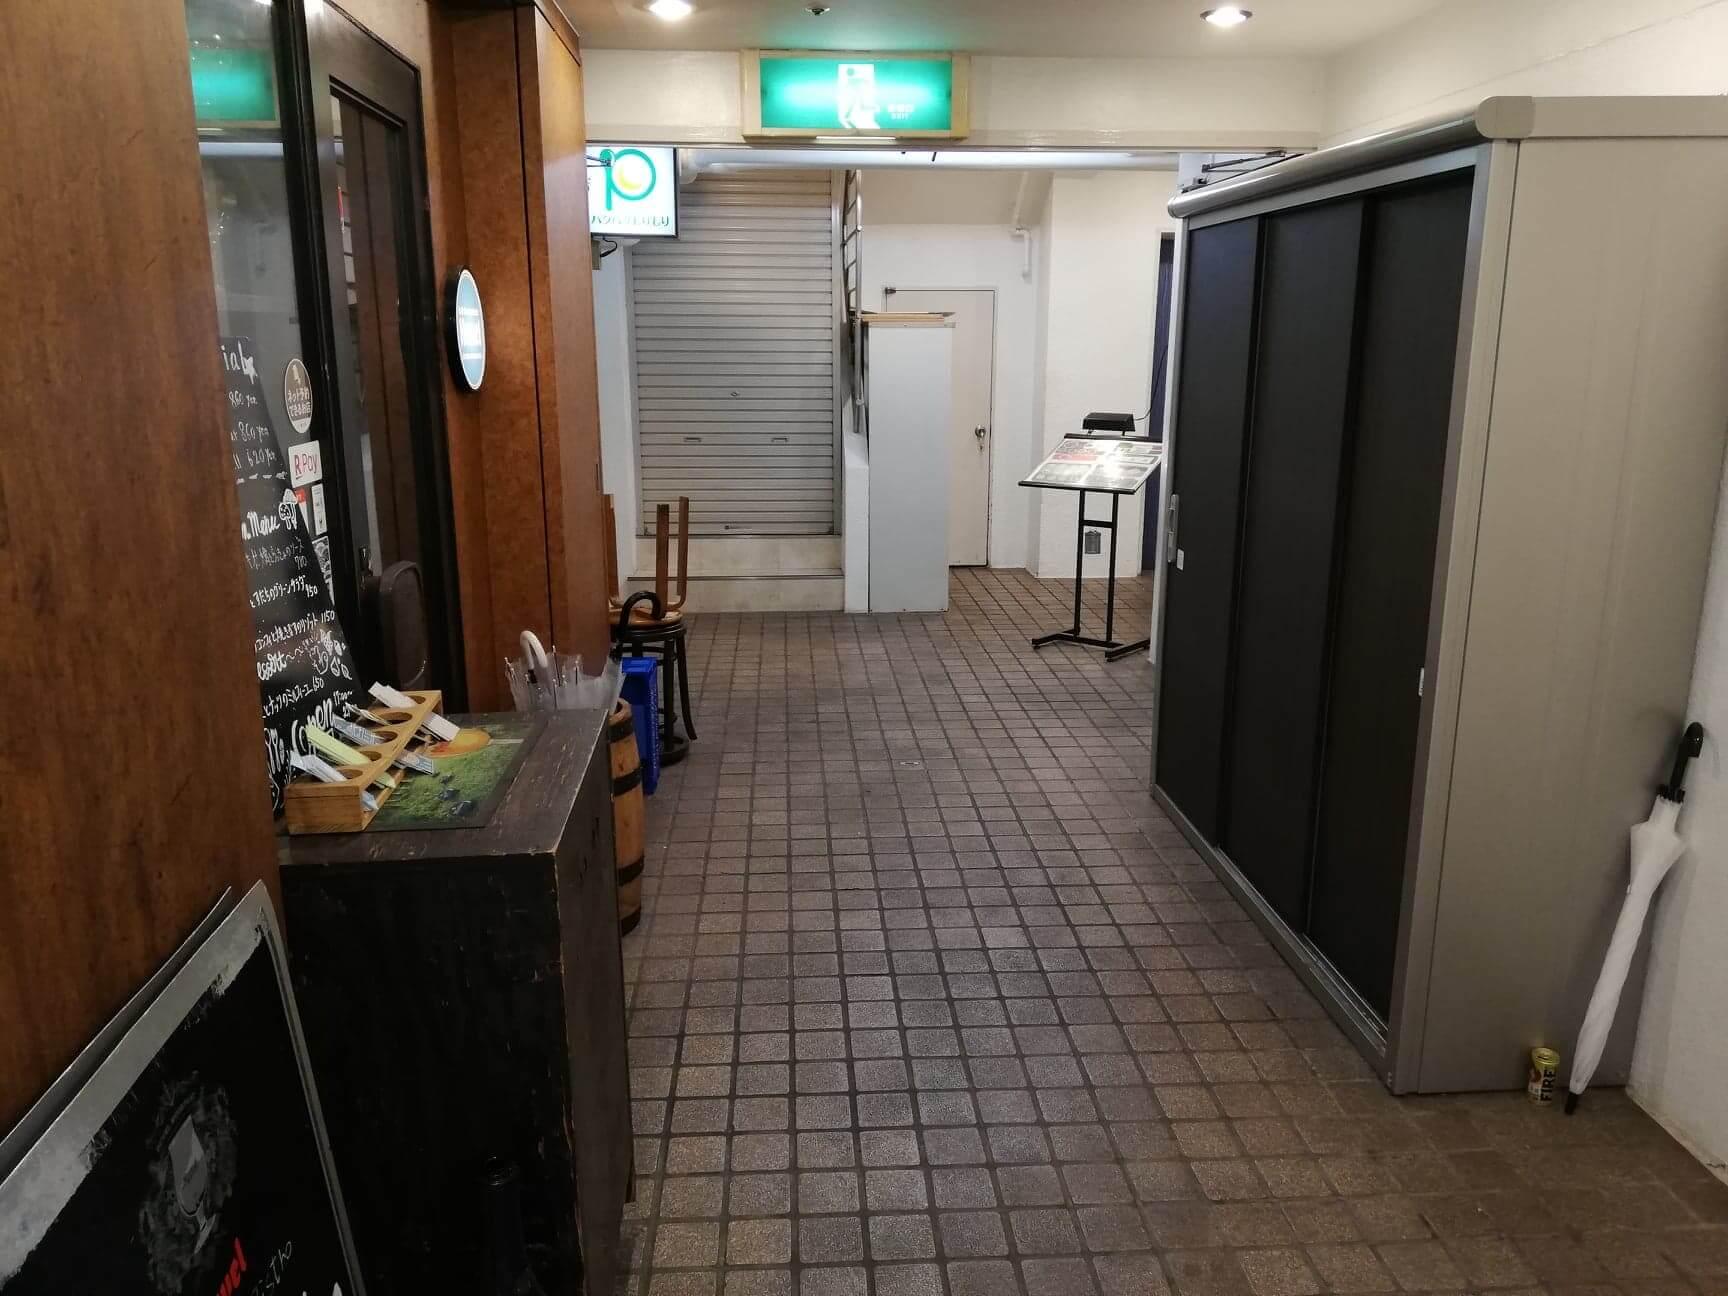 渋谷(神泉)『カレー屋パクパクもりもり』の地下通路の写真